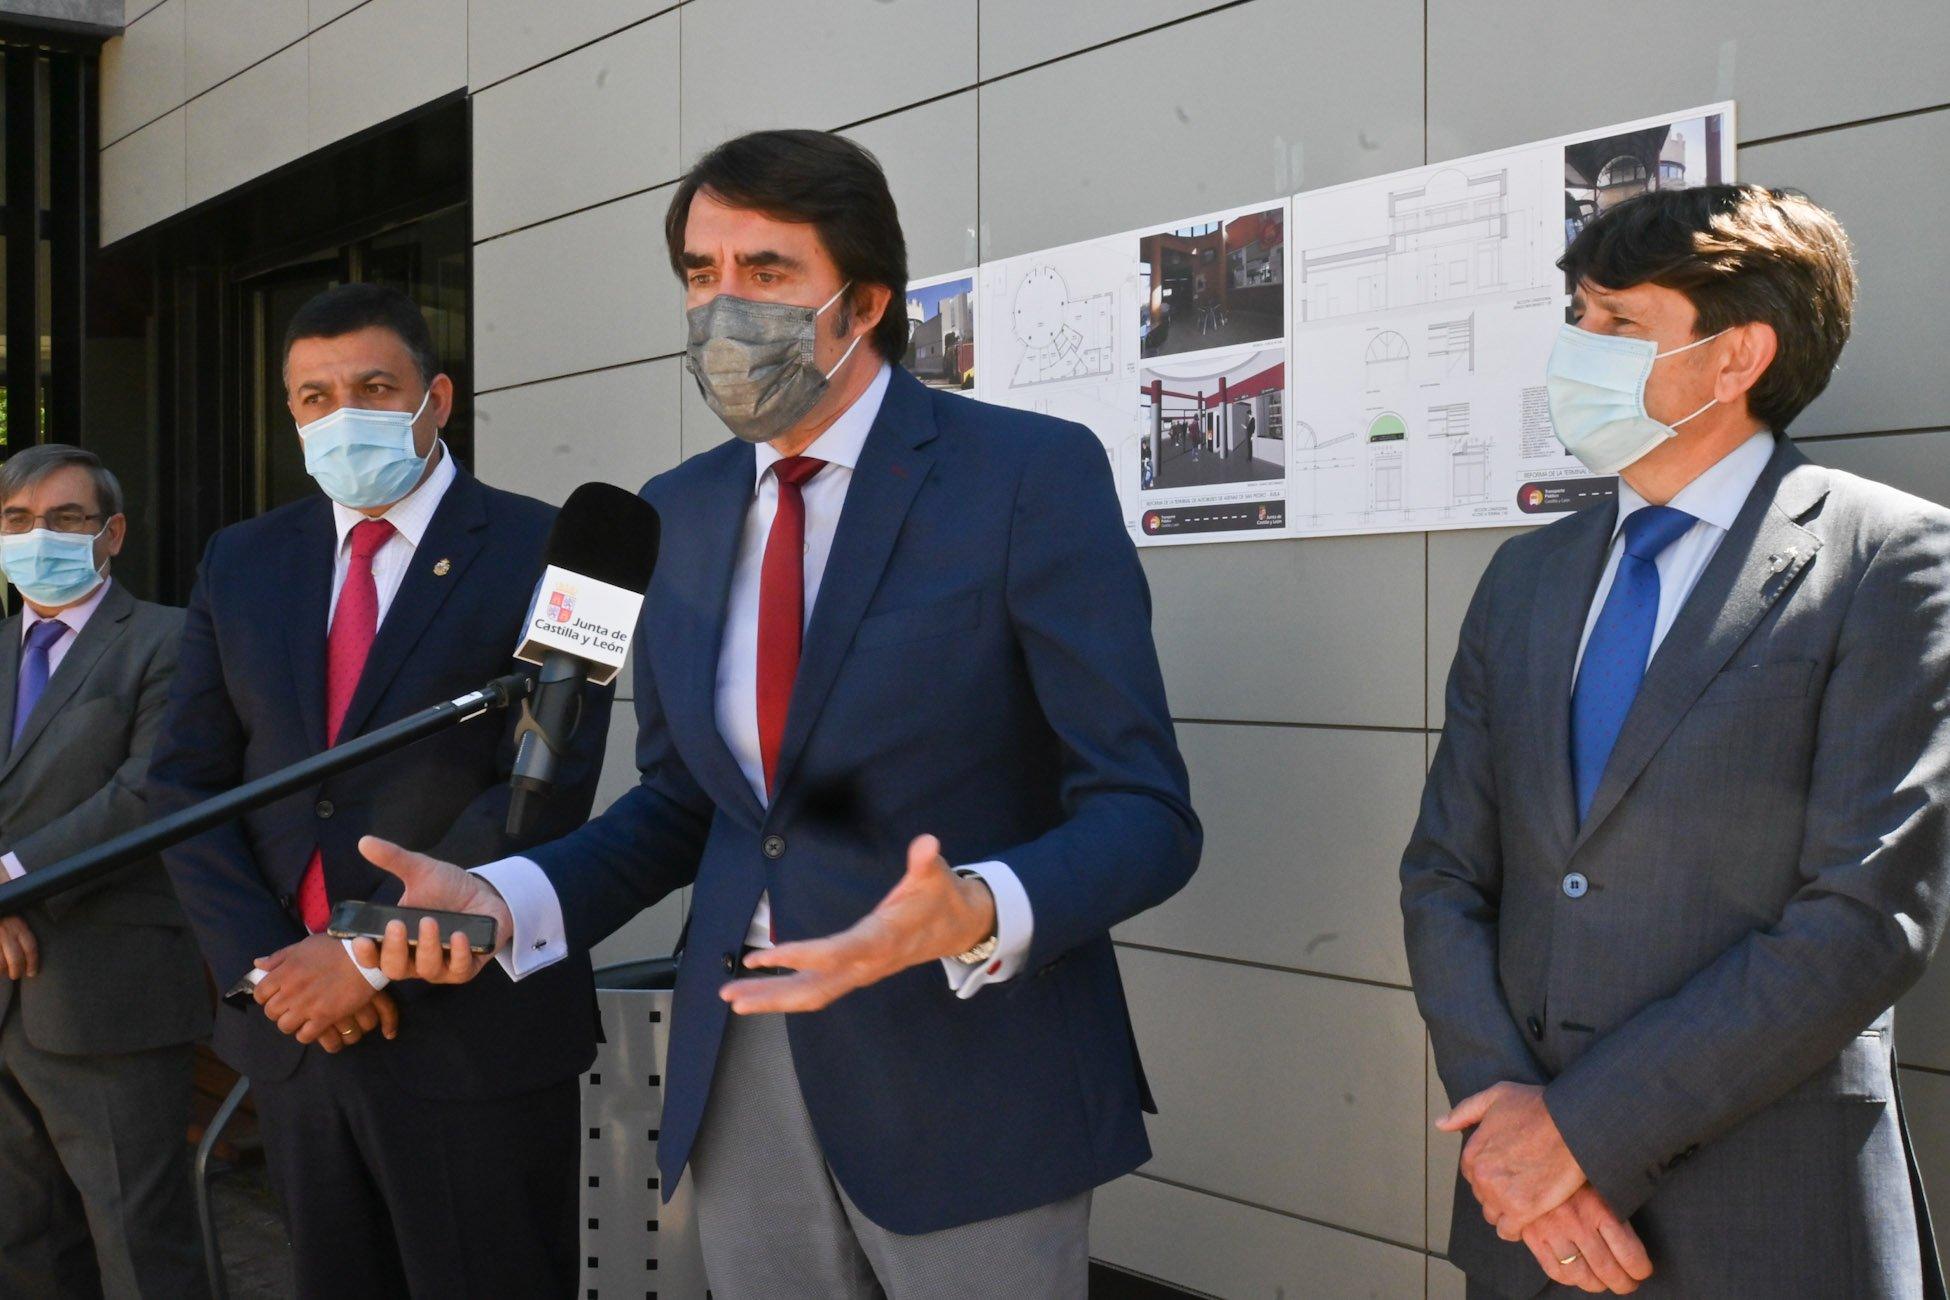 Consejero de Fomento y Medio Ambiente de la JCyL, Juan Carlos Suárez-Quiñones. Presidente de Diputación de Ávila, Carlos García. Alcalde de Arenas de San Pedro, Juan Carlos Sánchez Mesón.